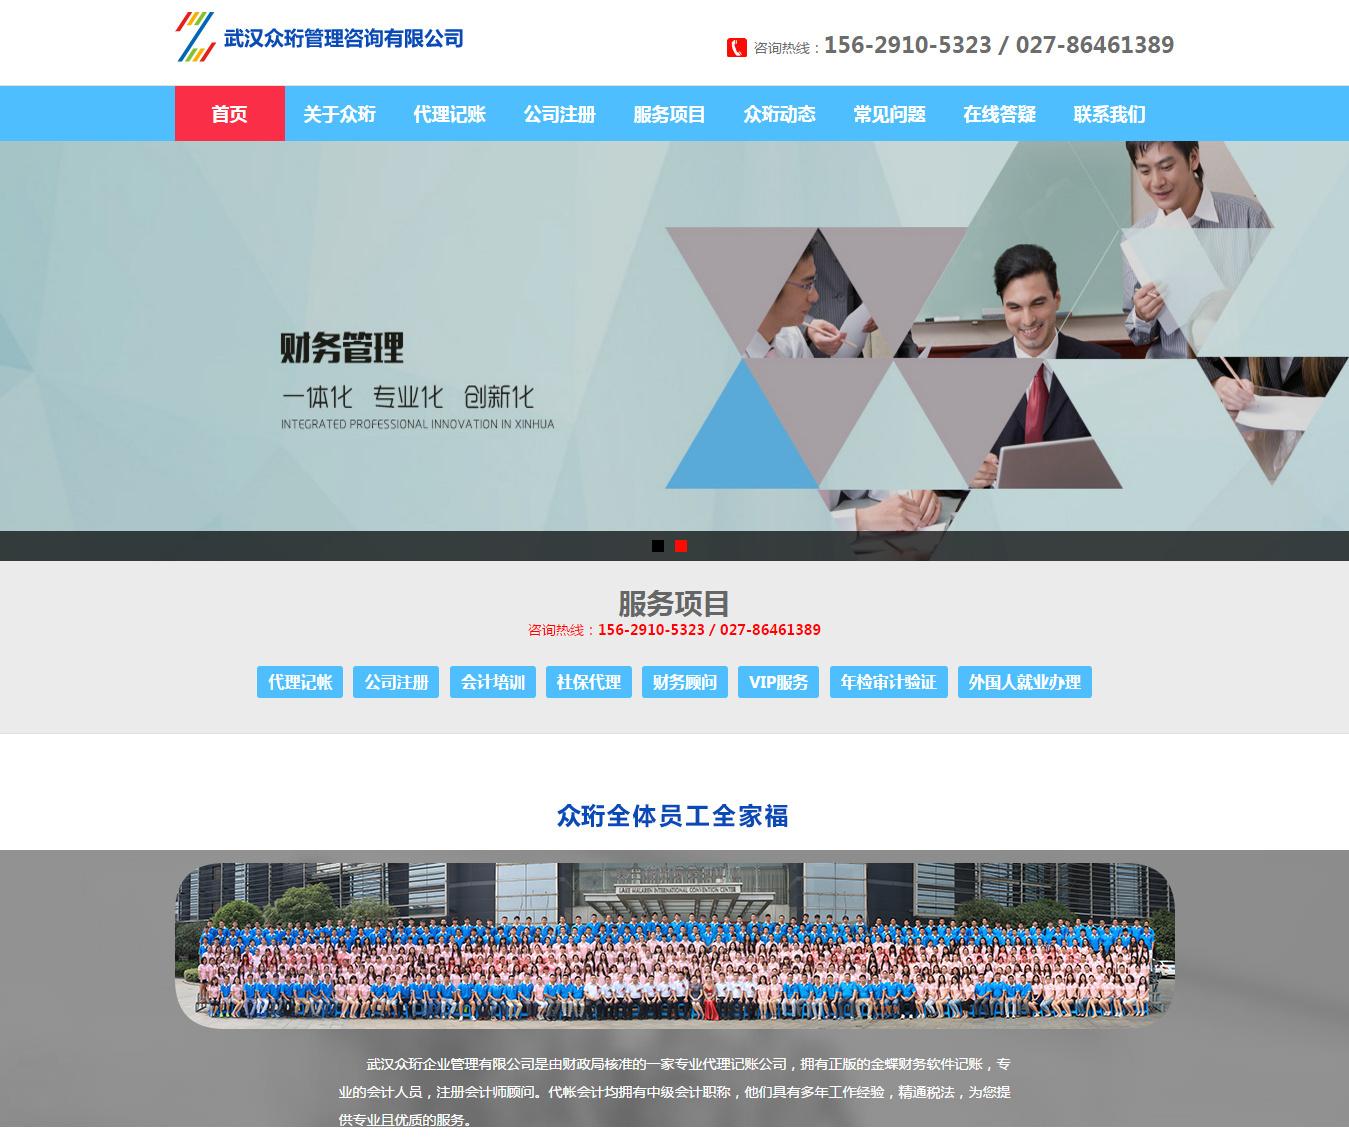 武汉众珩管理咨询网站建设项目